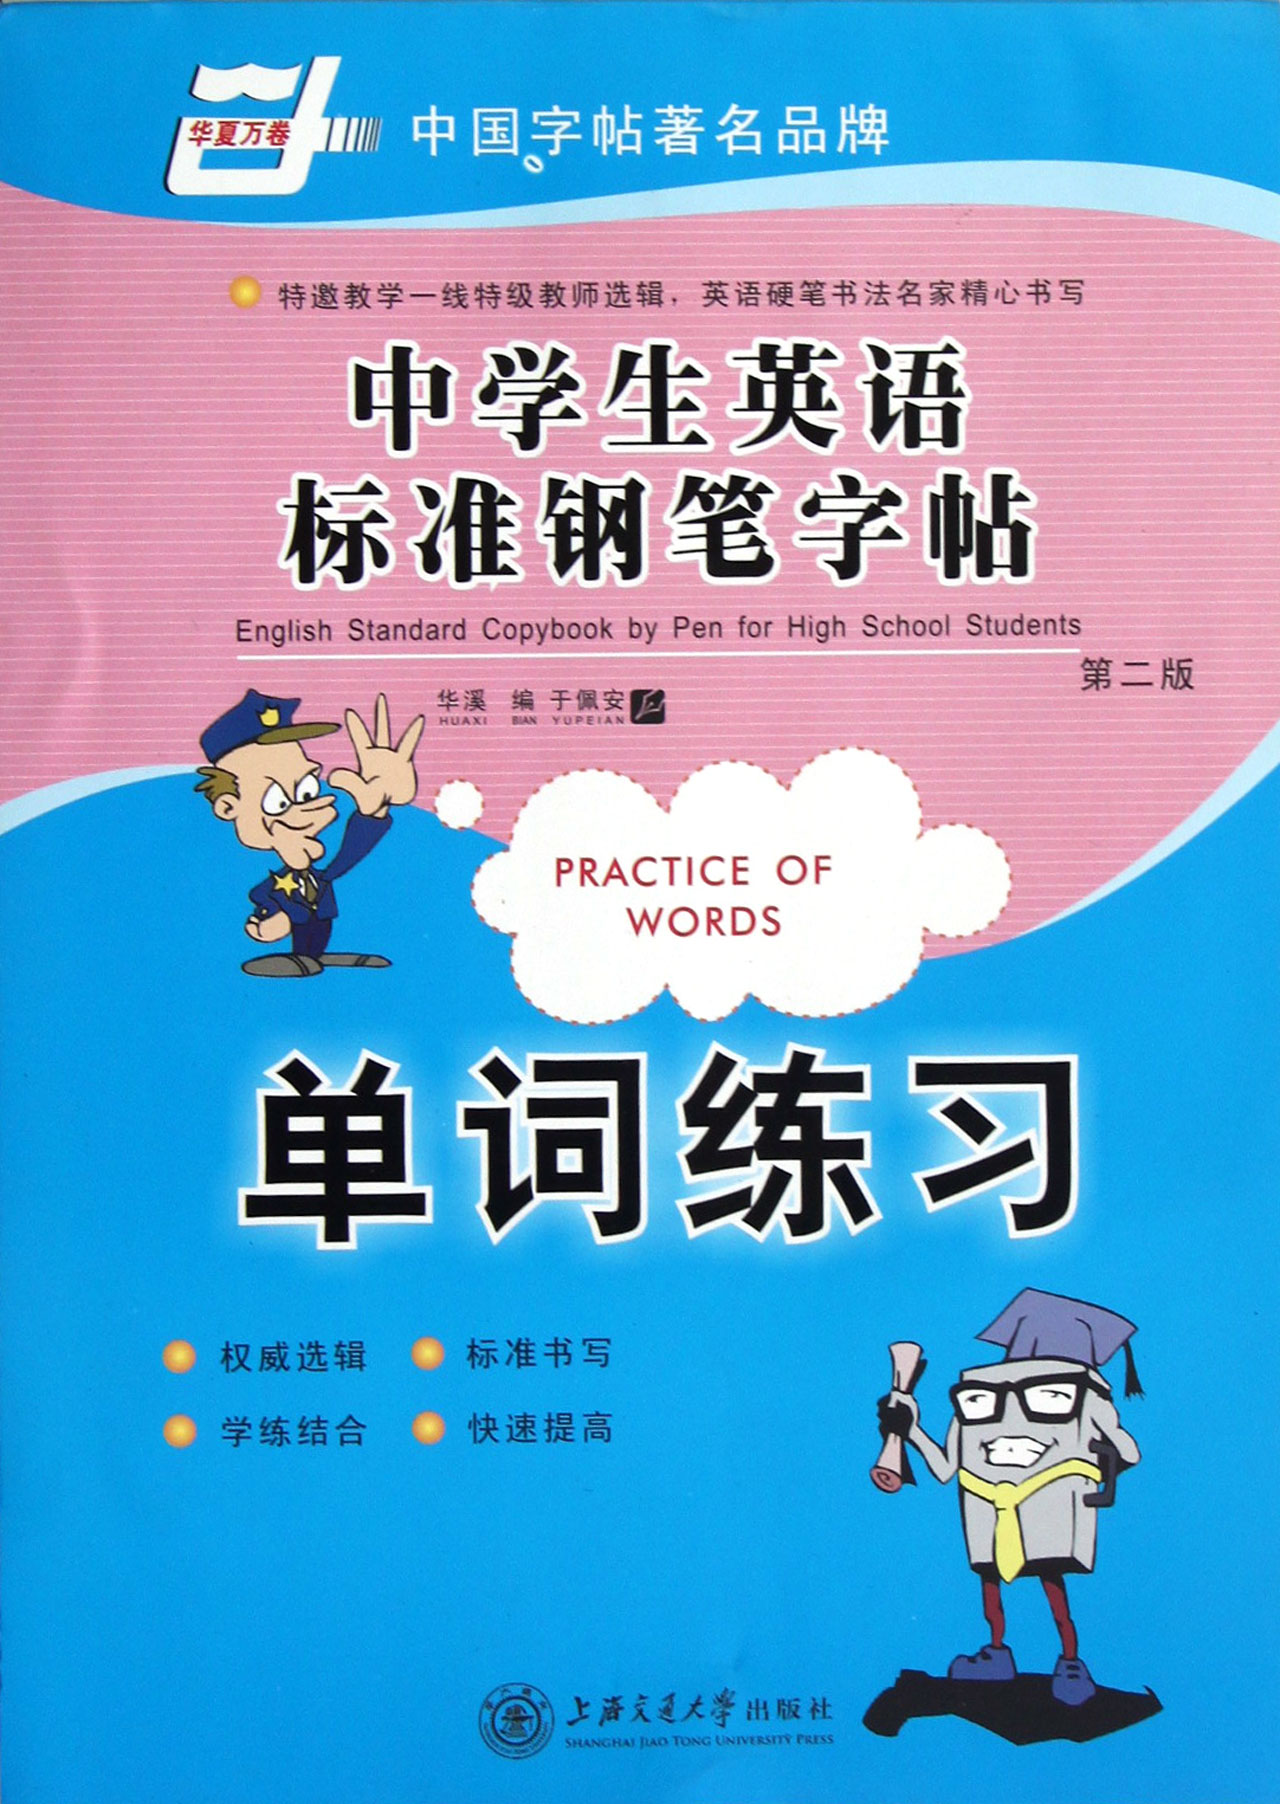 中学生英语标准钢笔字帖(单词练习第2版)